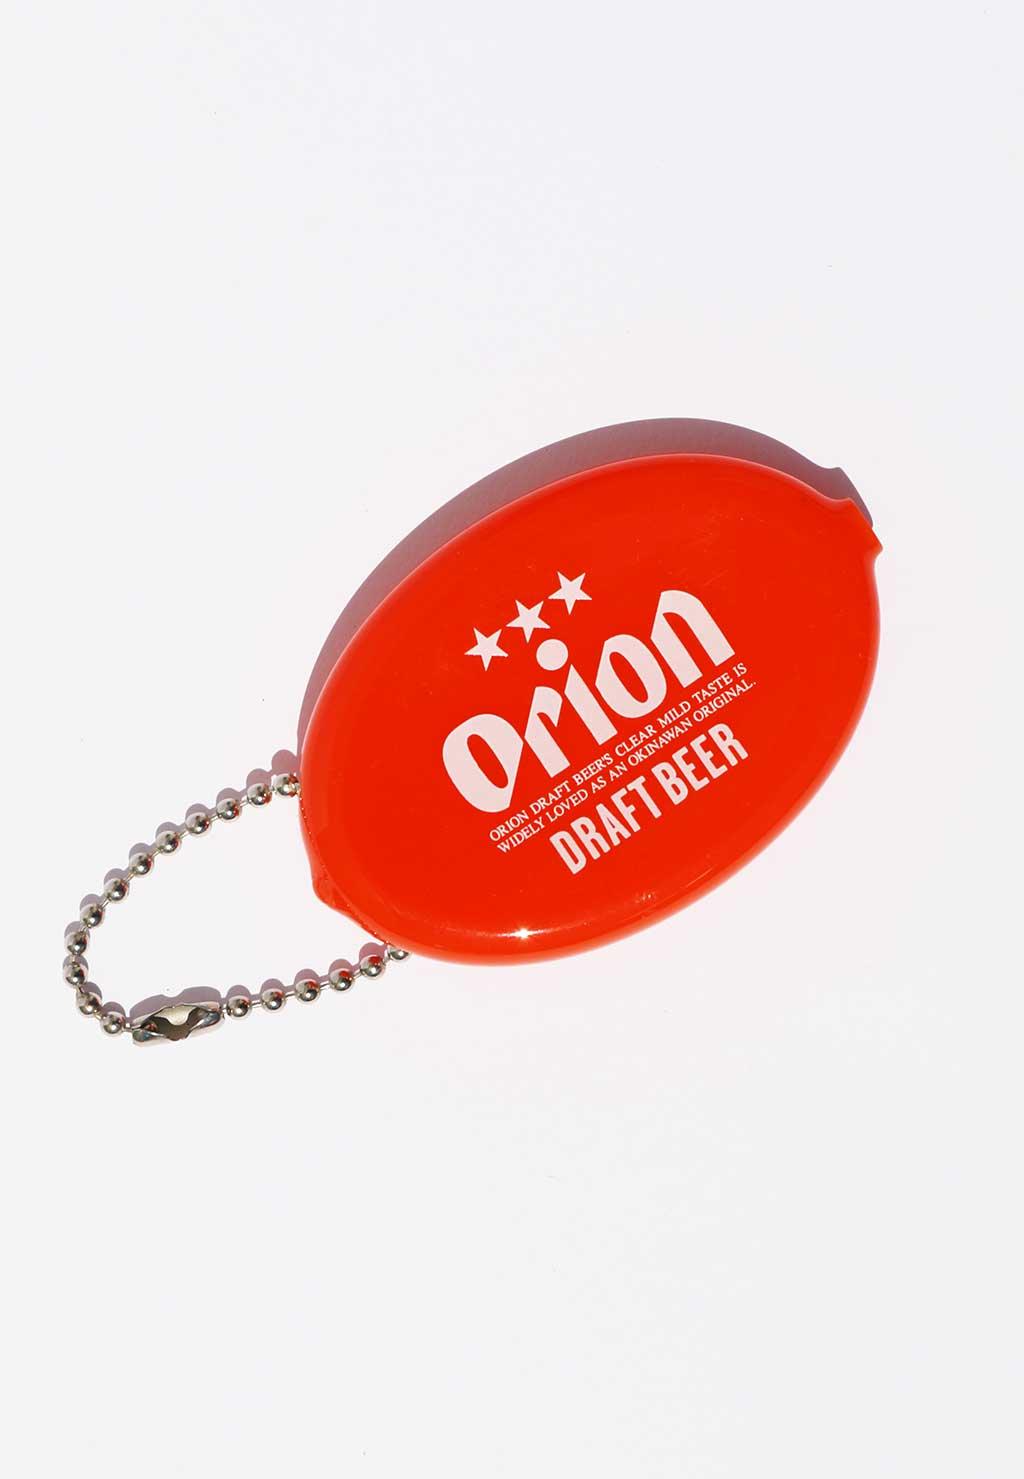 オリオンビール コインケース    オレンジ(ORANGE)